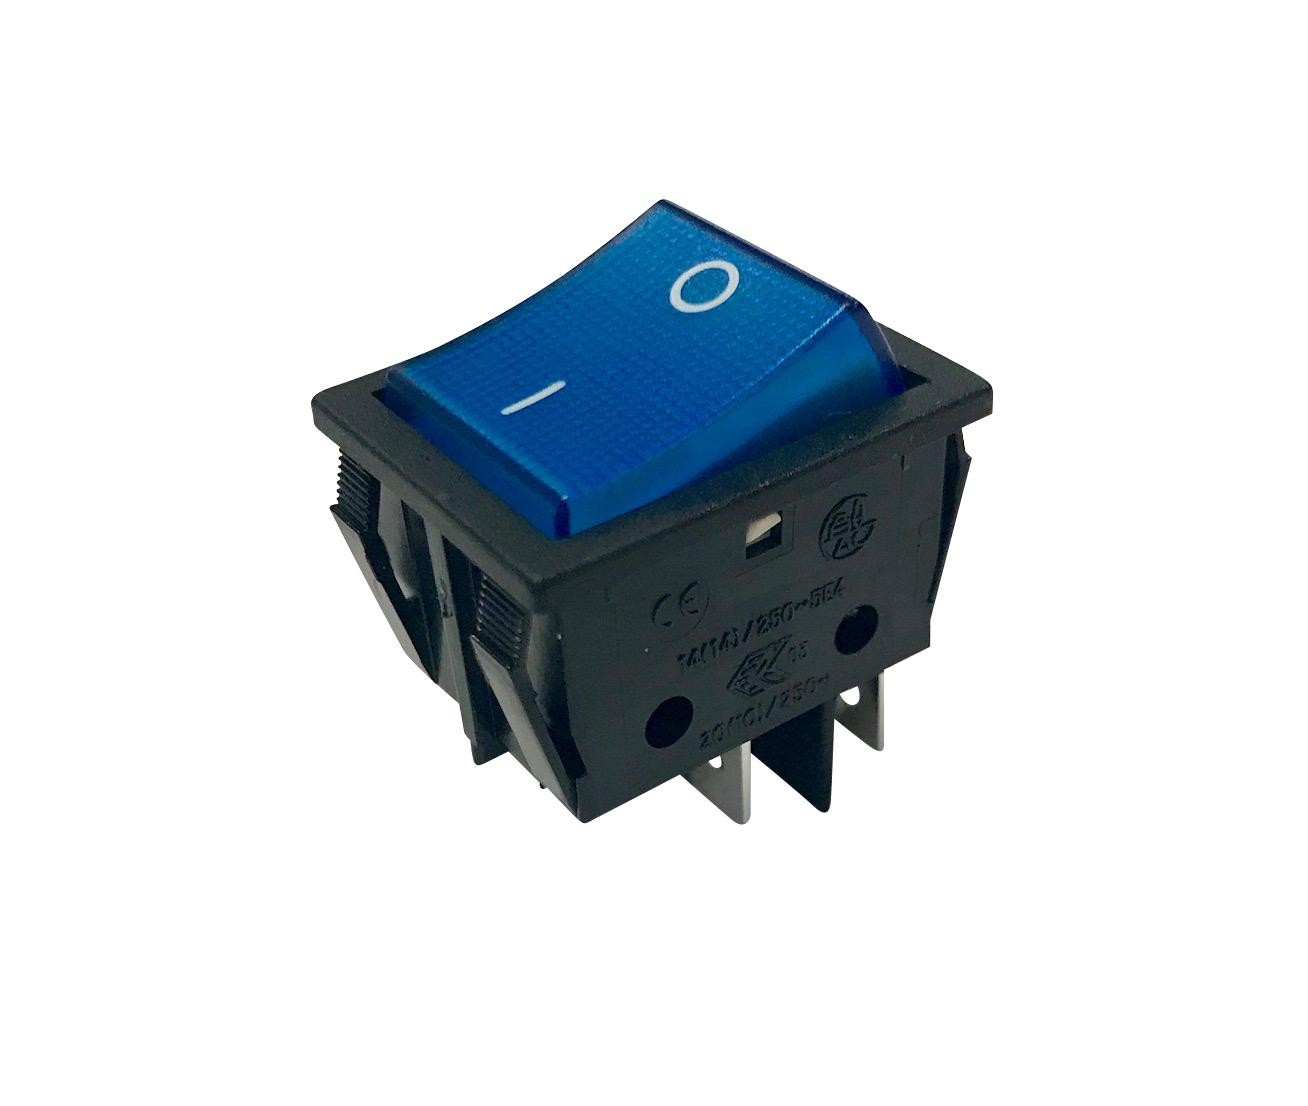 Interrupteur lumineux à bascule bleue corps noir, 250V 16A